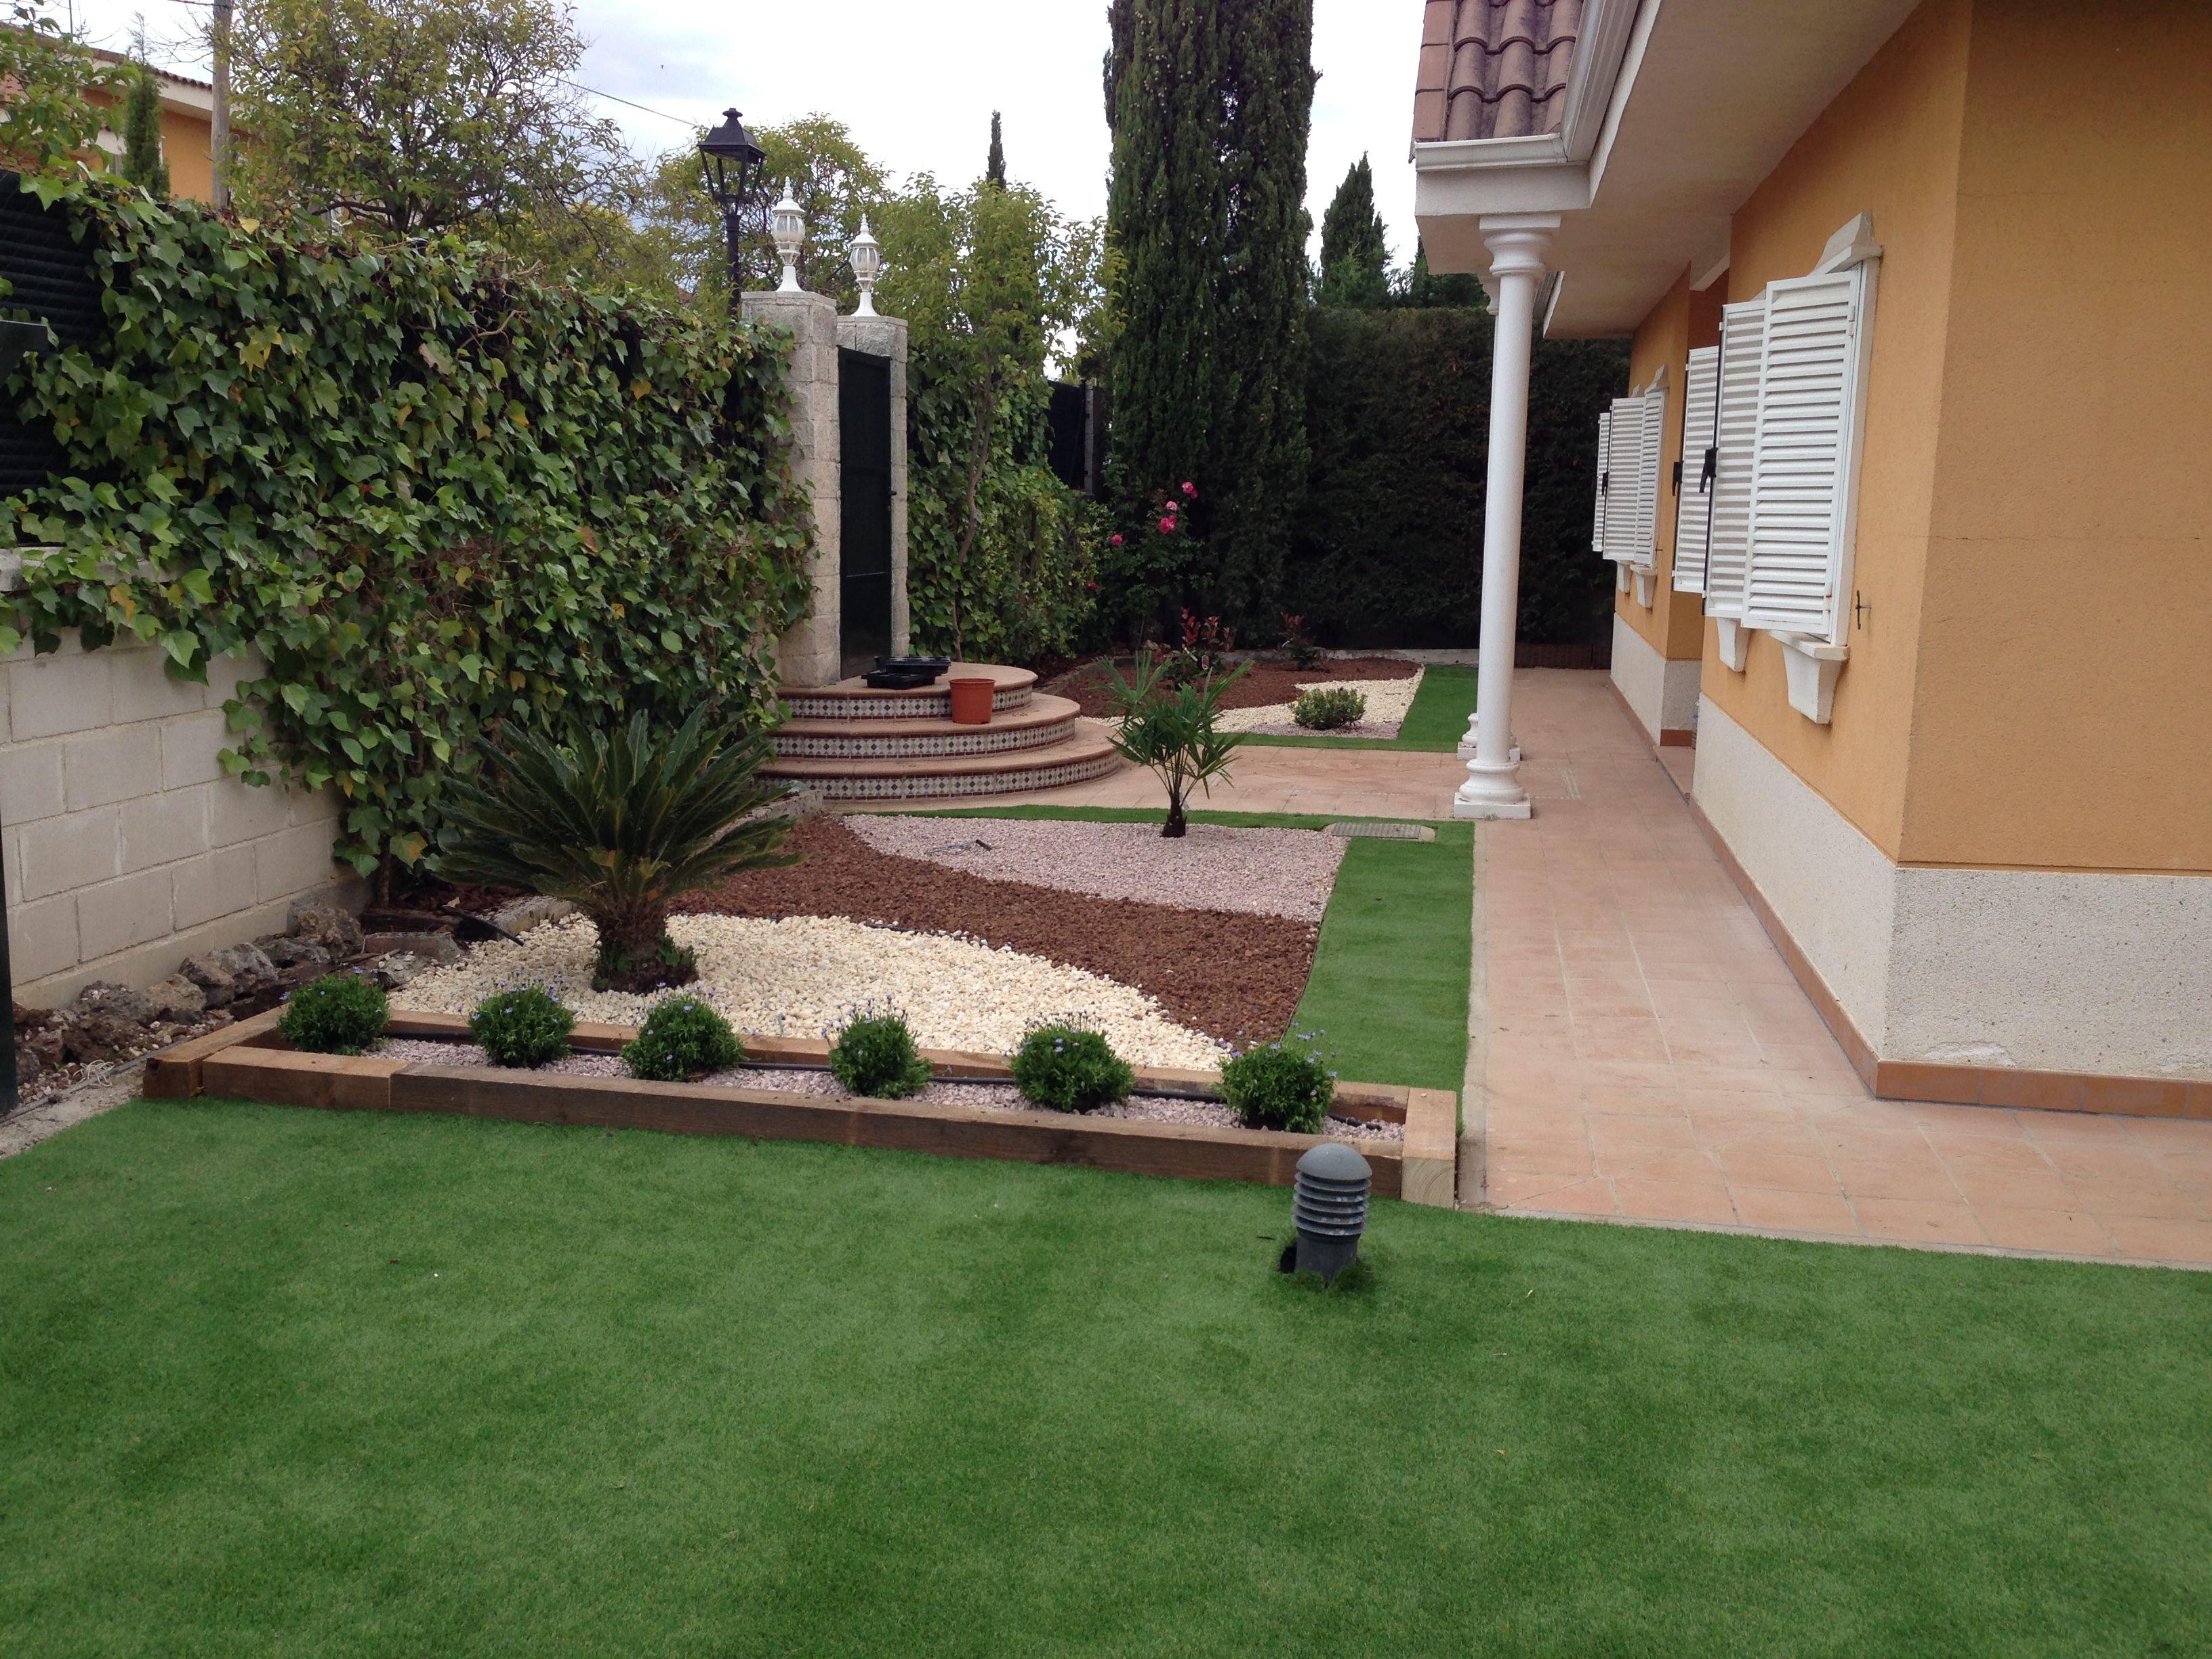 Estupendo jardin sostenible y ejemplar que combina c sped for Jardines con cesped